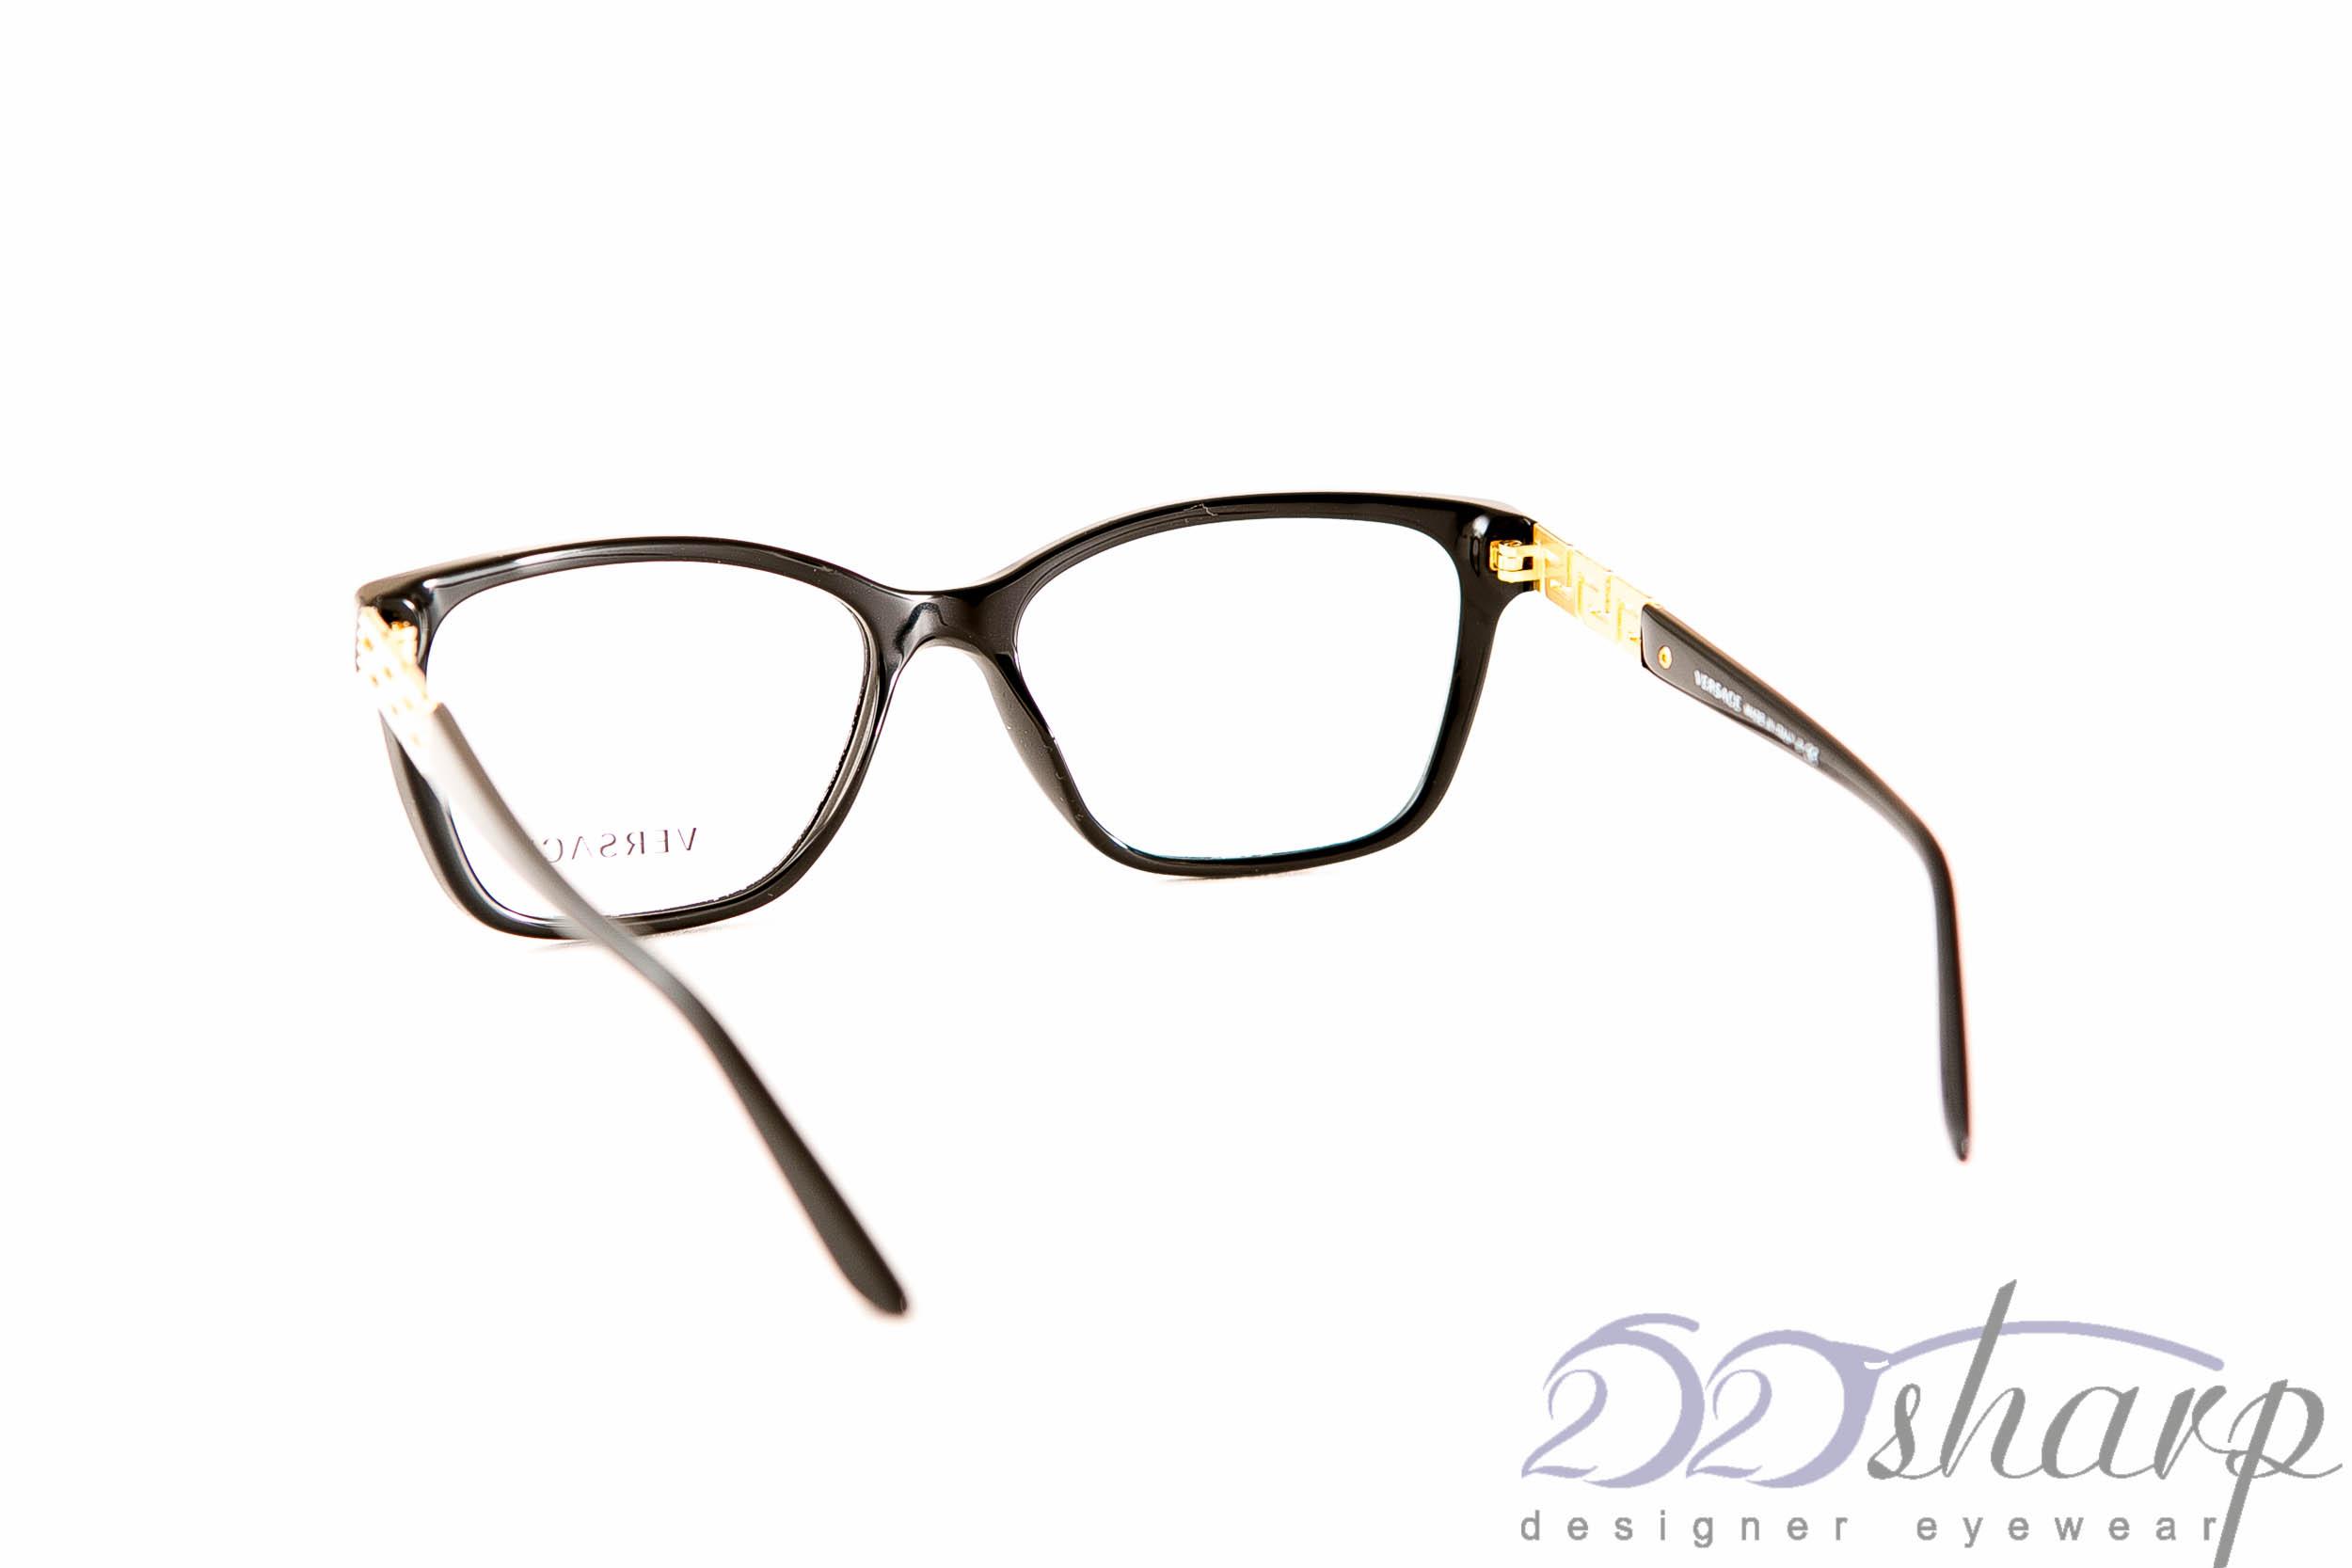 Glasses Frames You Can Sleep In : Versace Eyeglasses-VERSACE 3192-B GB1 140 Black eBay